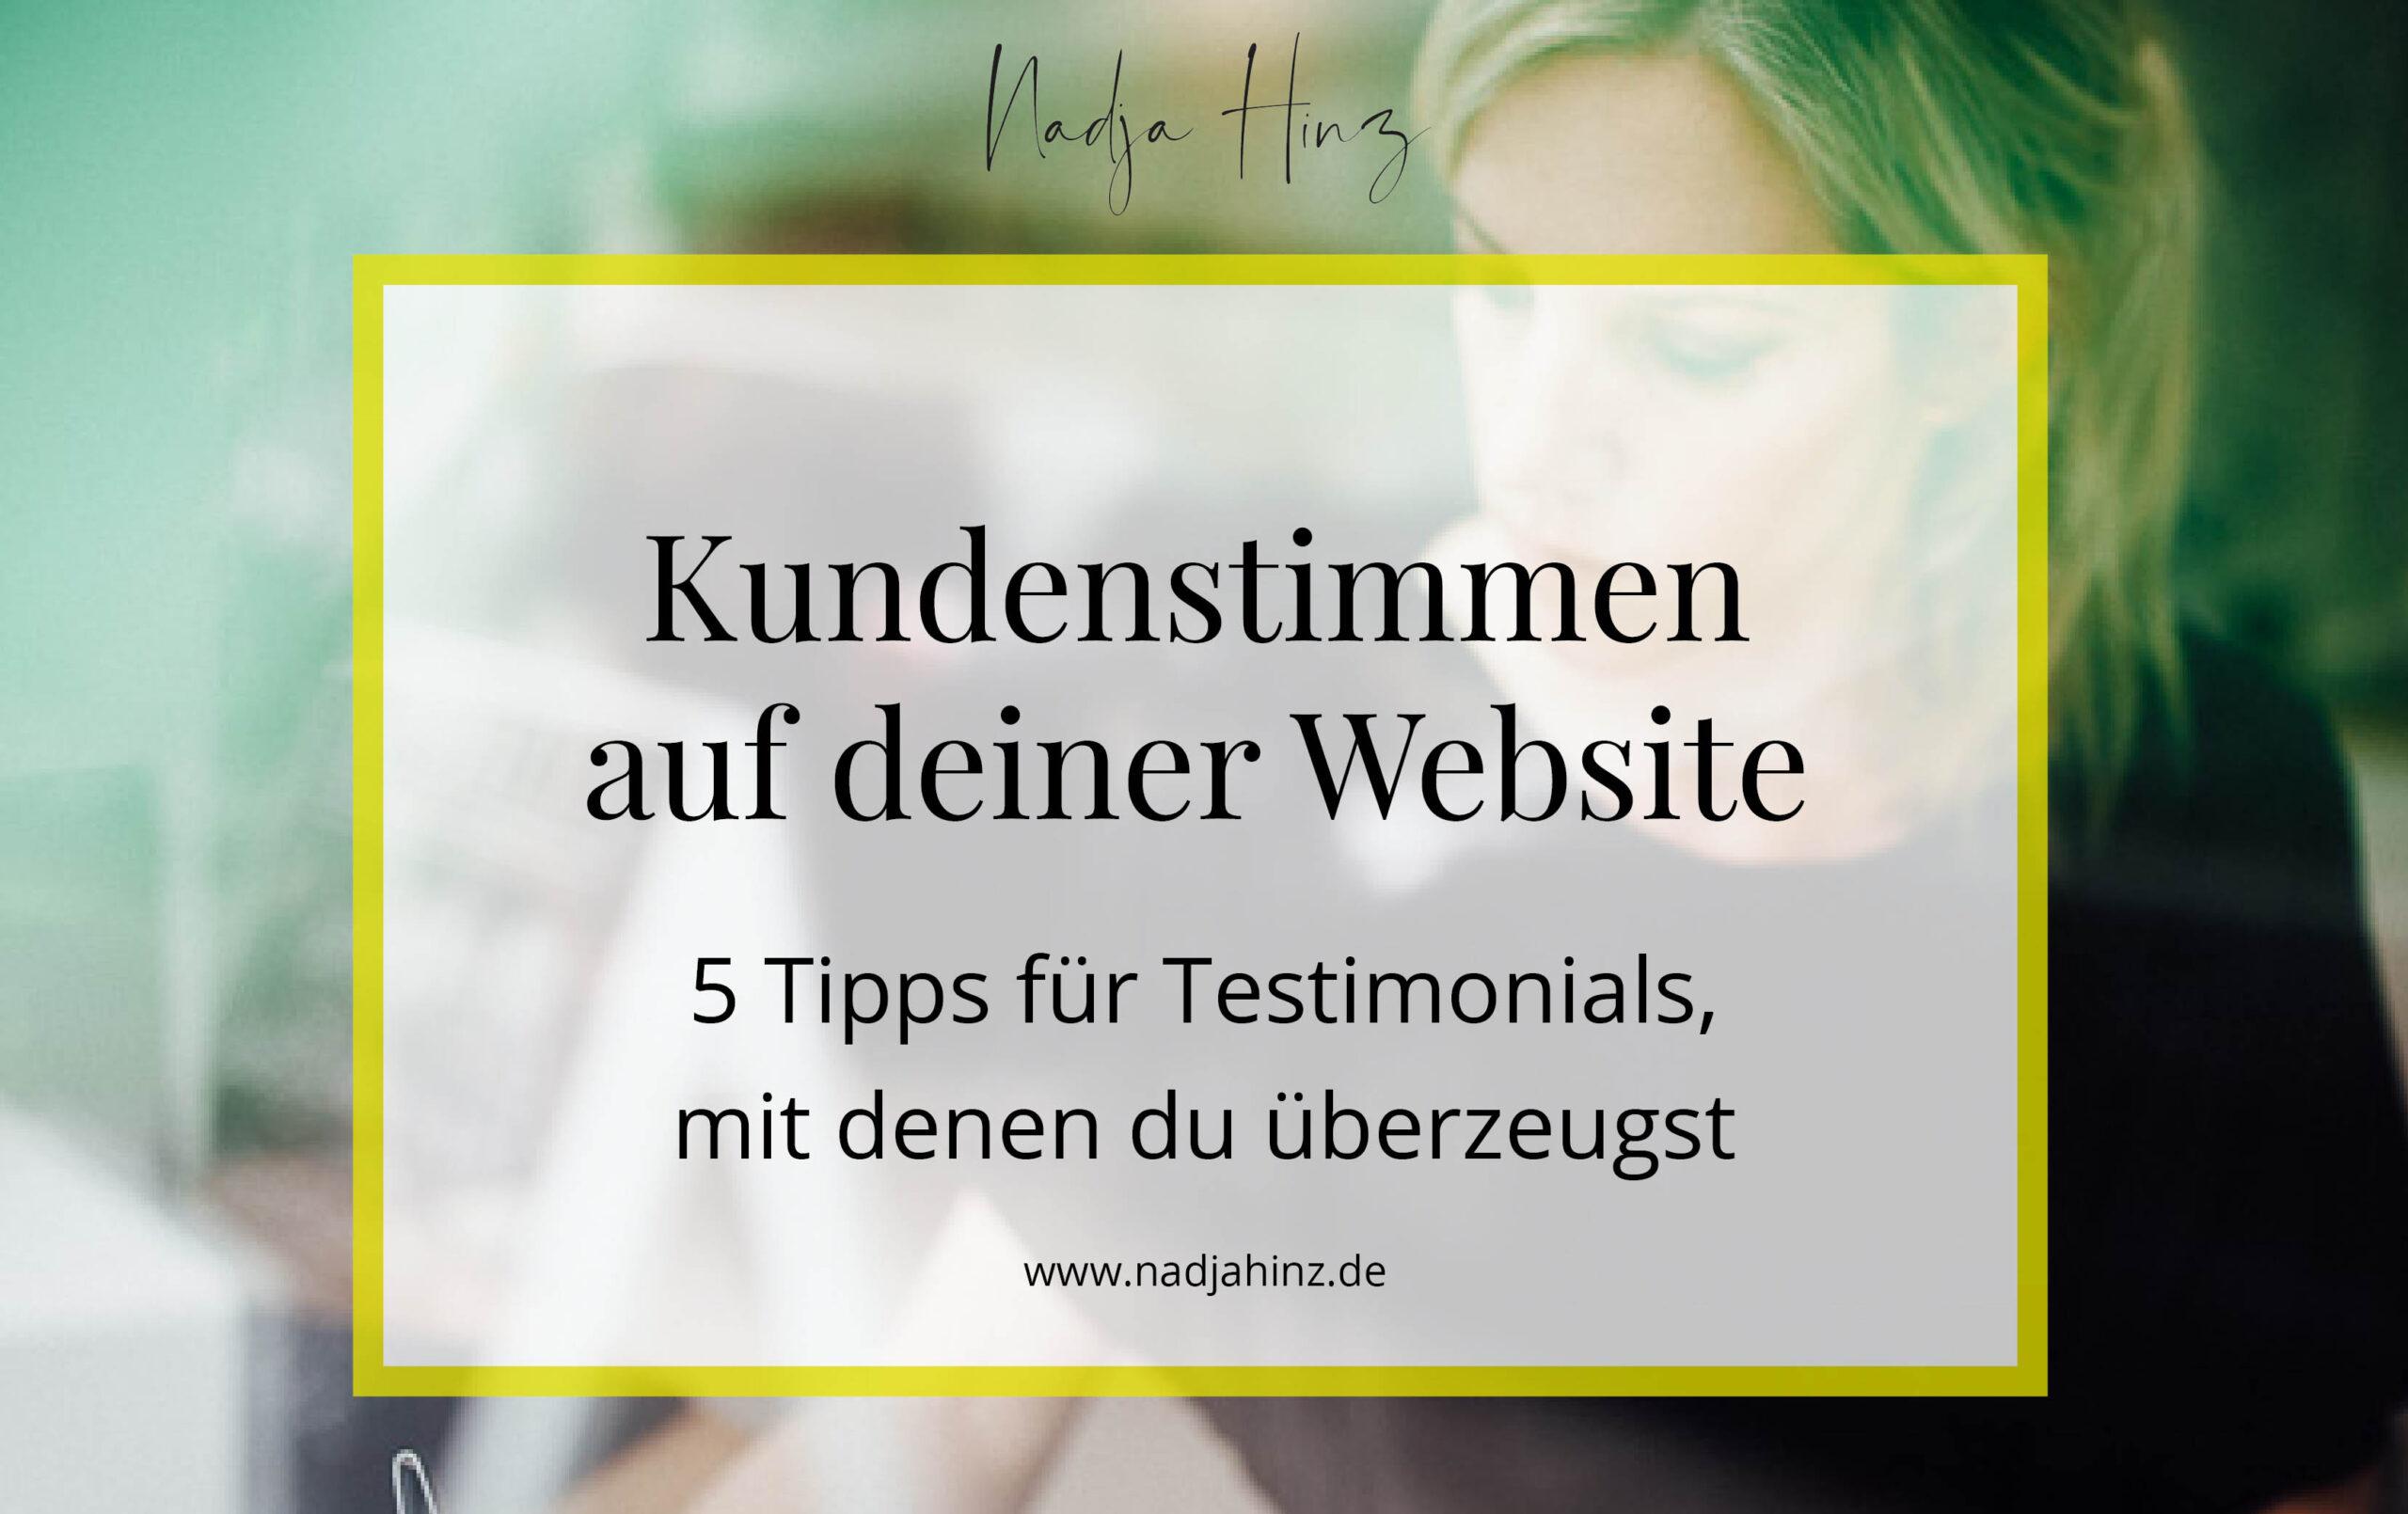 kundenstimmen-auf-website-nadja-hinz